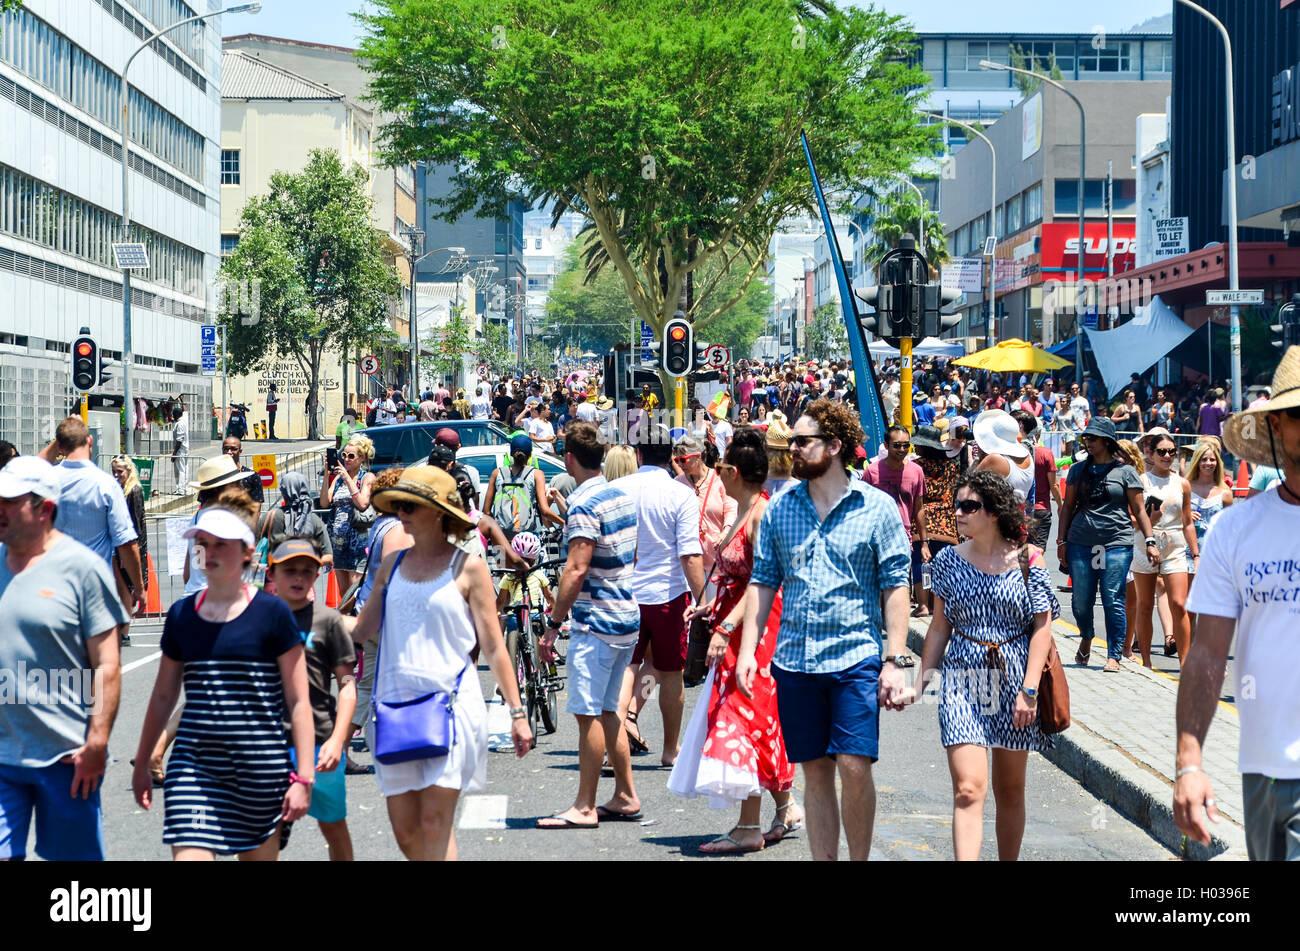 Multitud de sudafricanos y turistas de Bree Street, Cape Town, durante el festival de calles abiertas Imagen De Stock